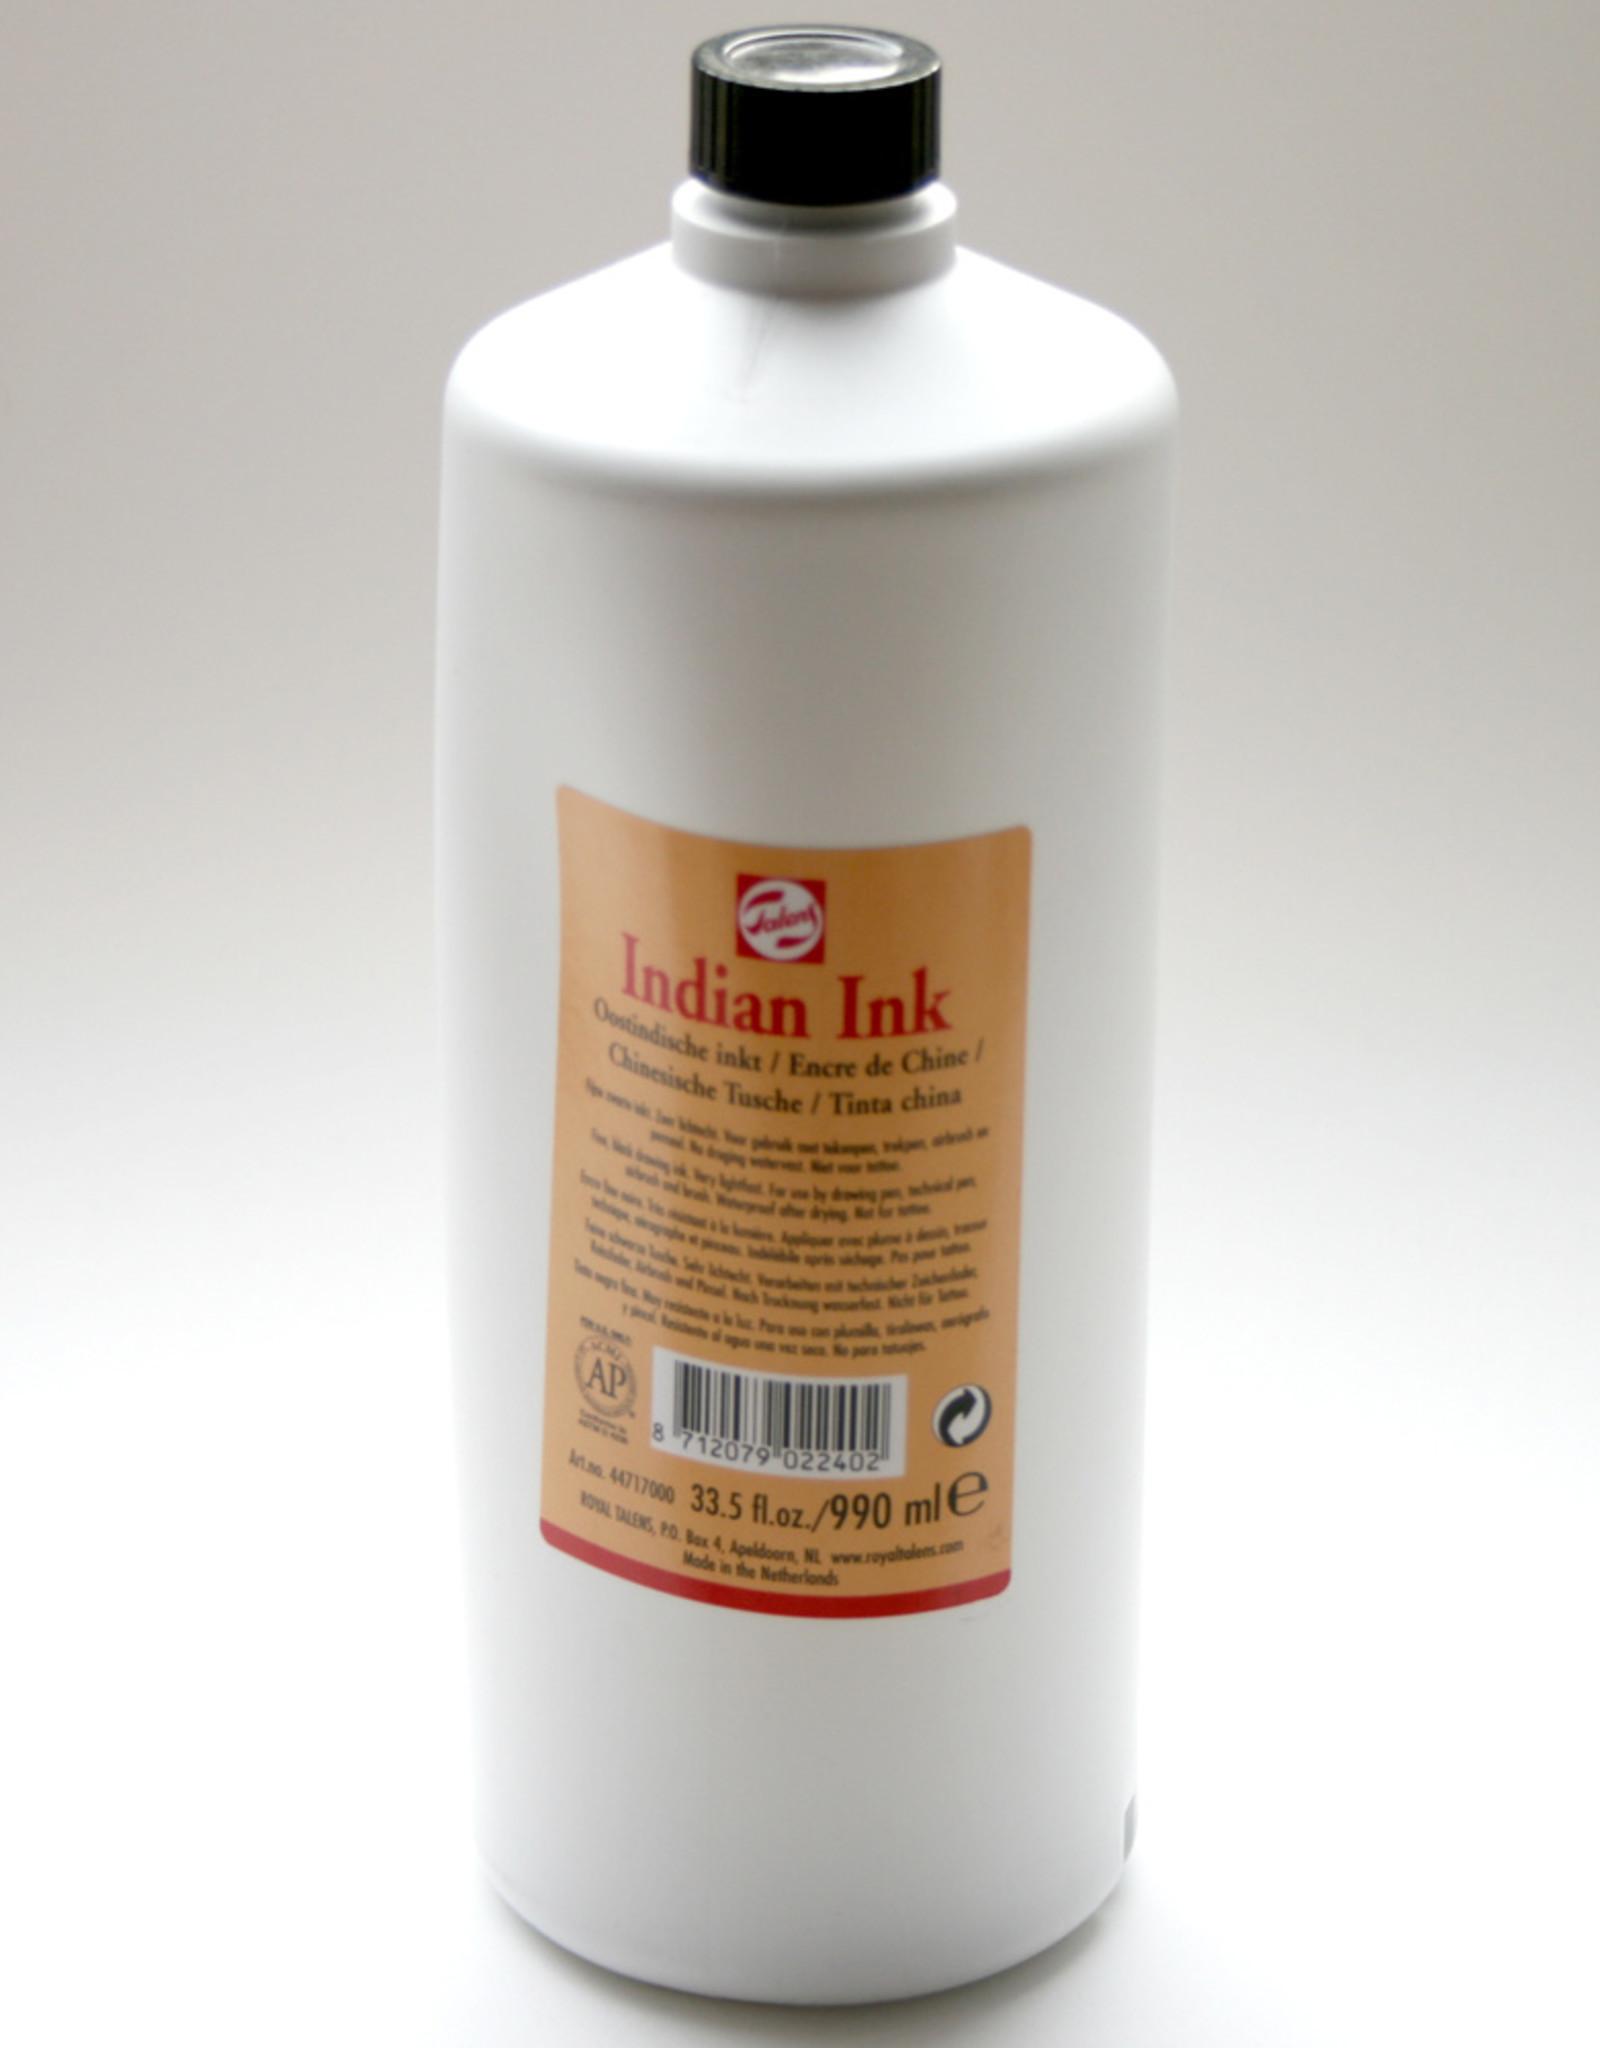 Oost Indische Inkt 1 l (990ml) Talens kunststof flacon